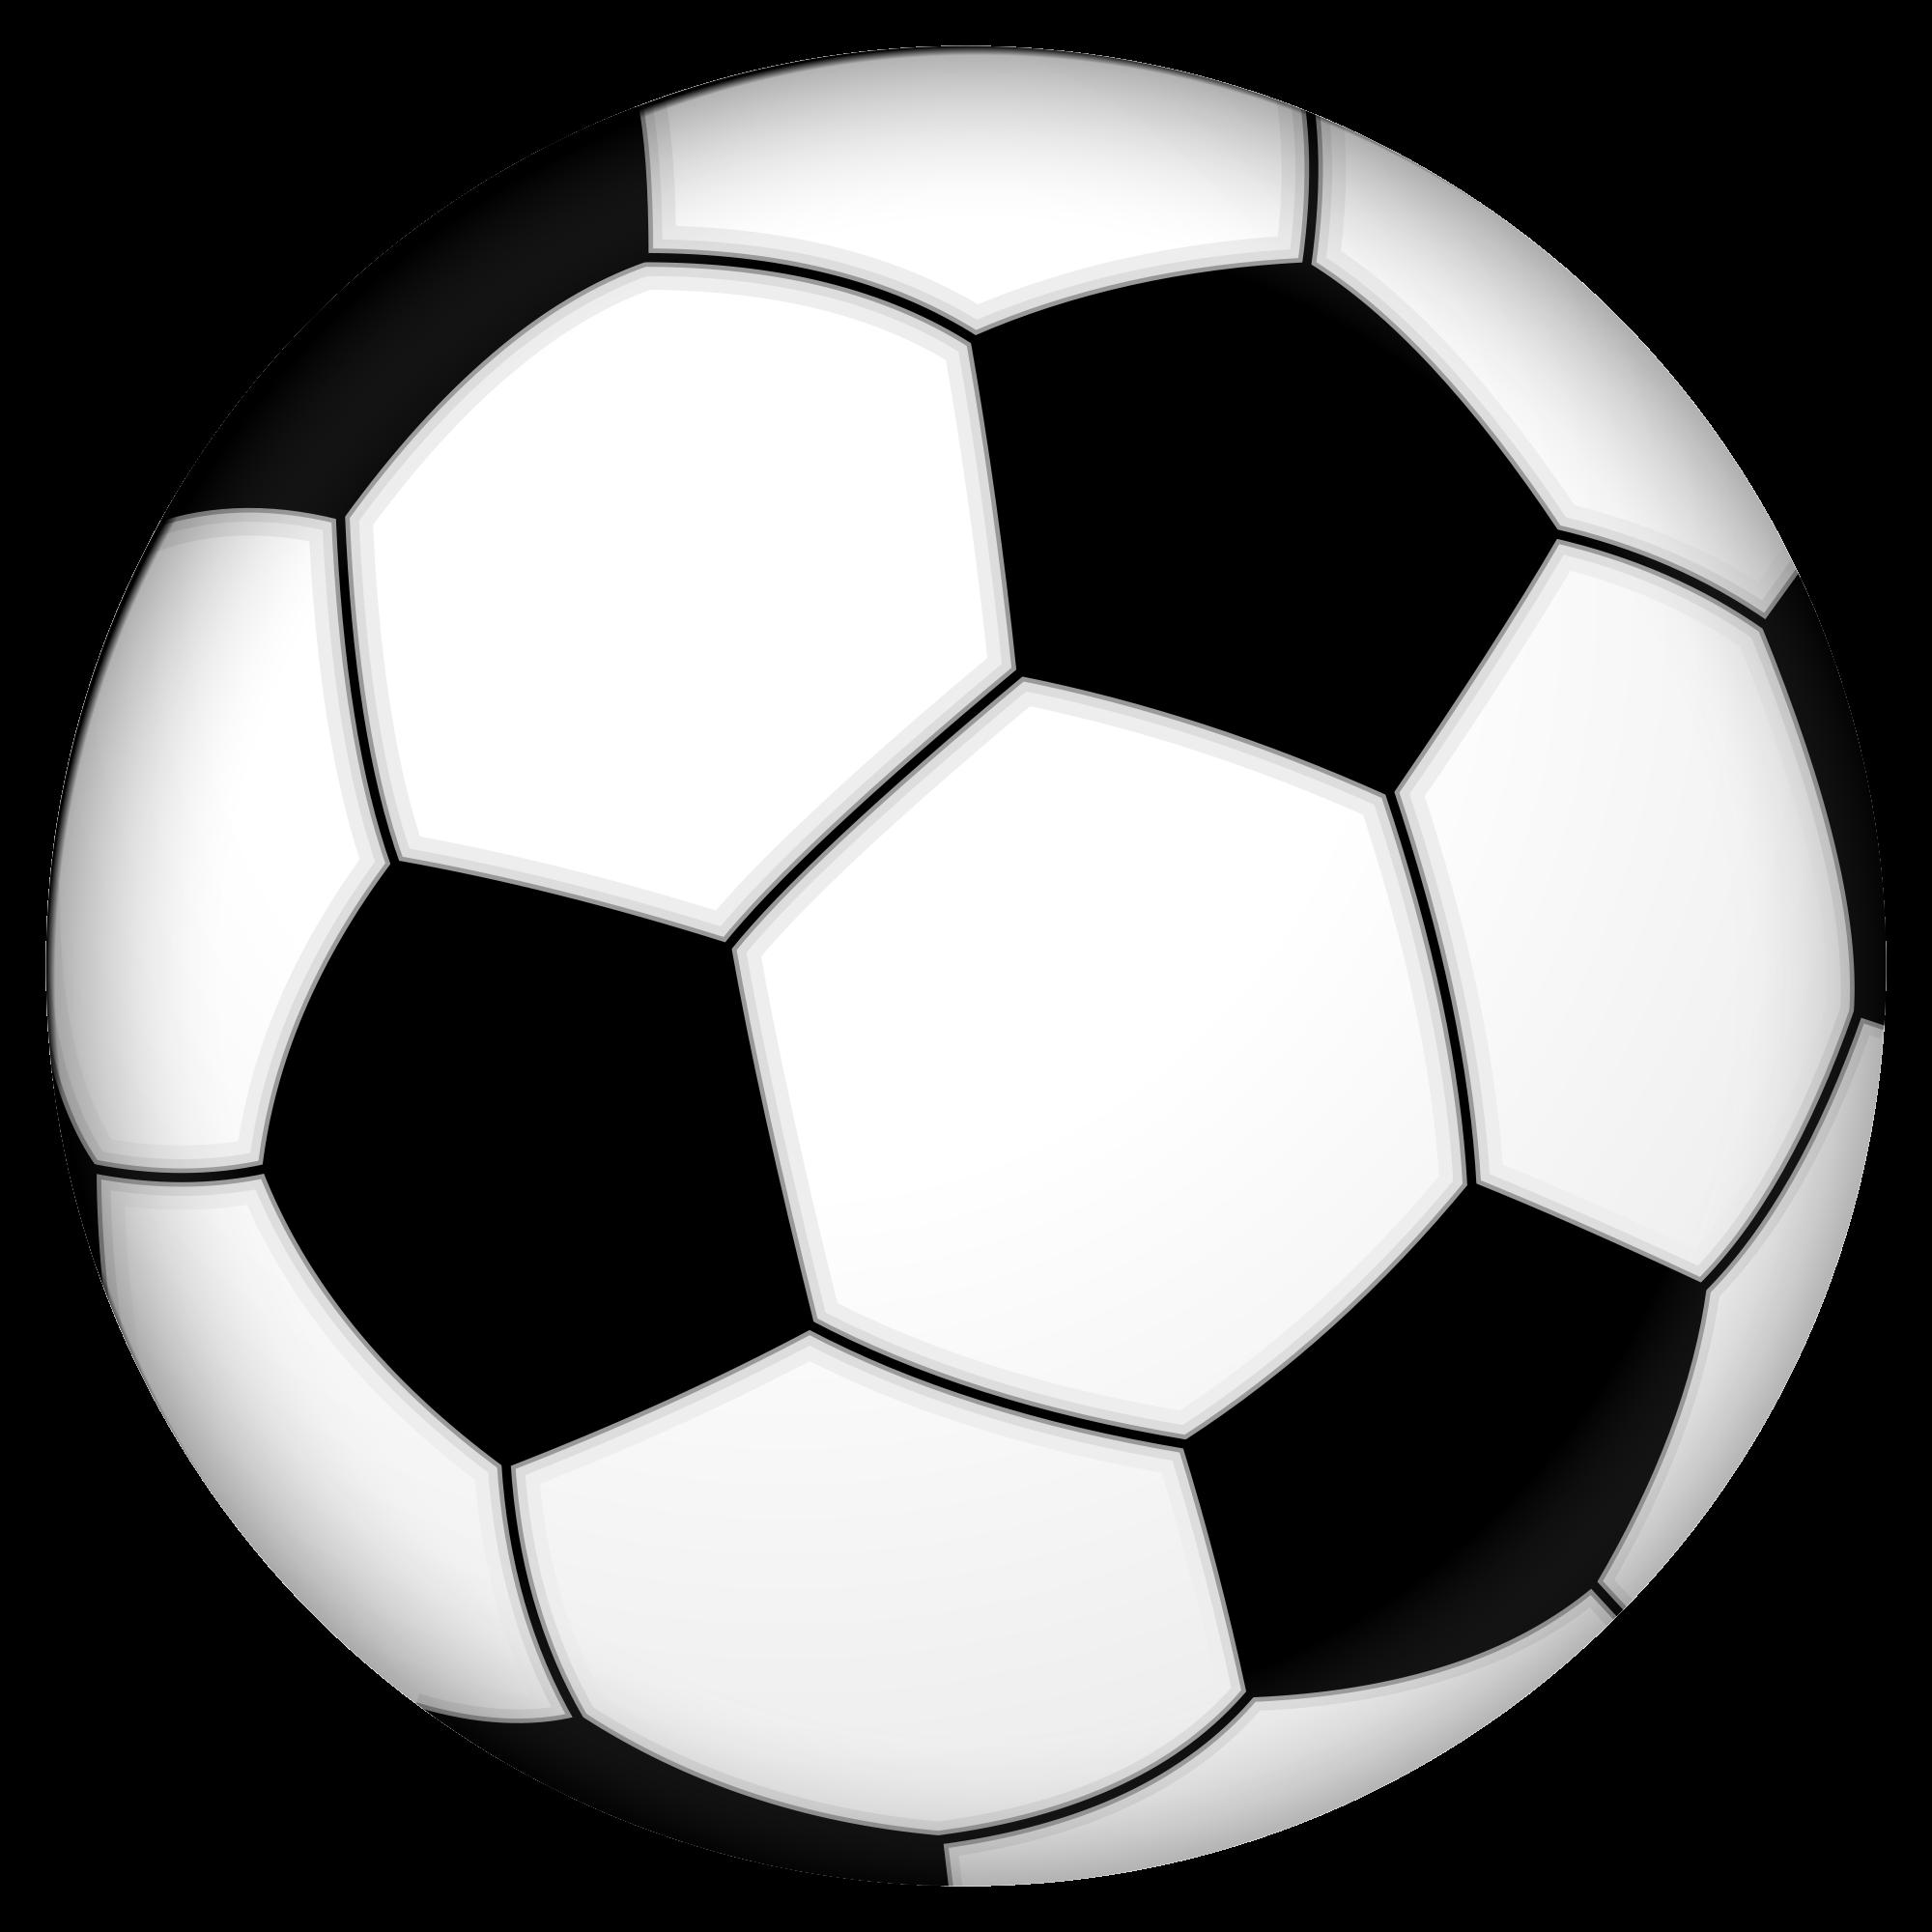 2000x2000 Filesoccer Ball.svg